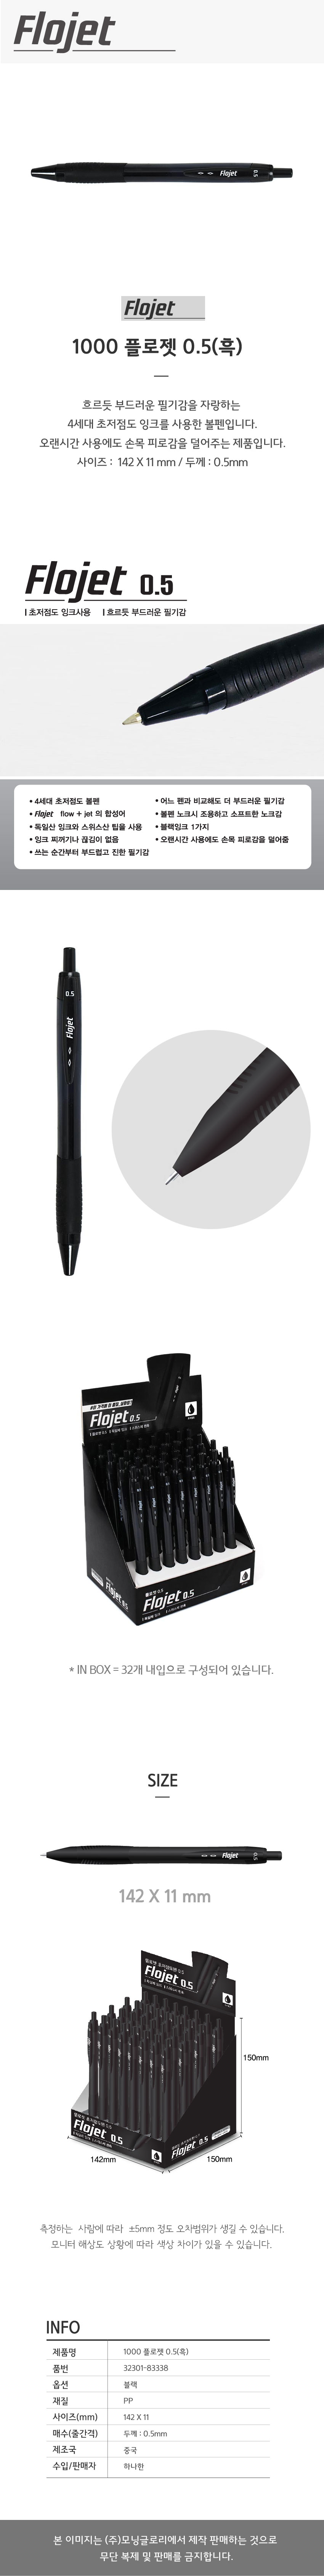 1000 플로젯 0.5(흑) - 모닝글로리, 800원, 볼펜, 심플 볼펜